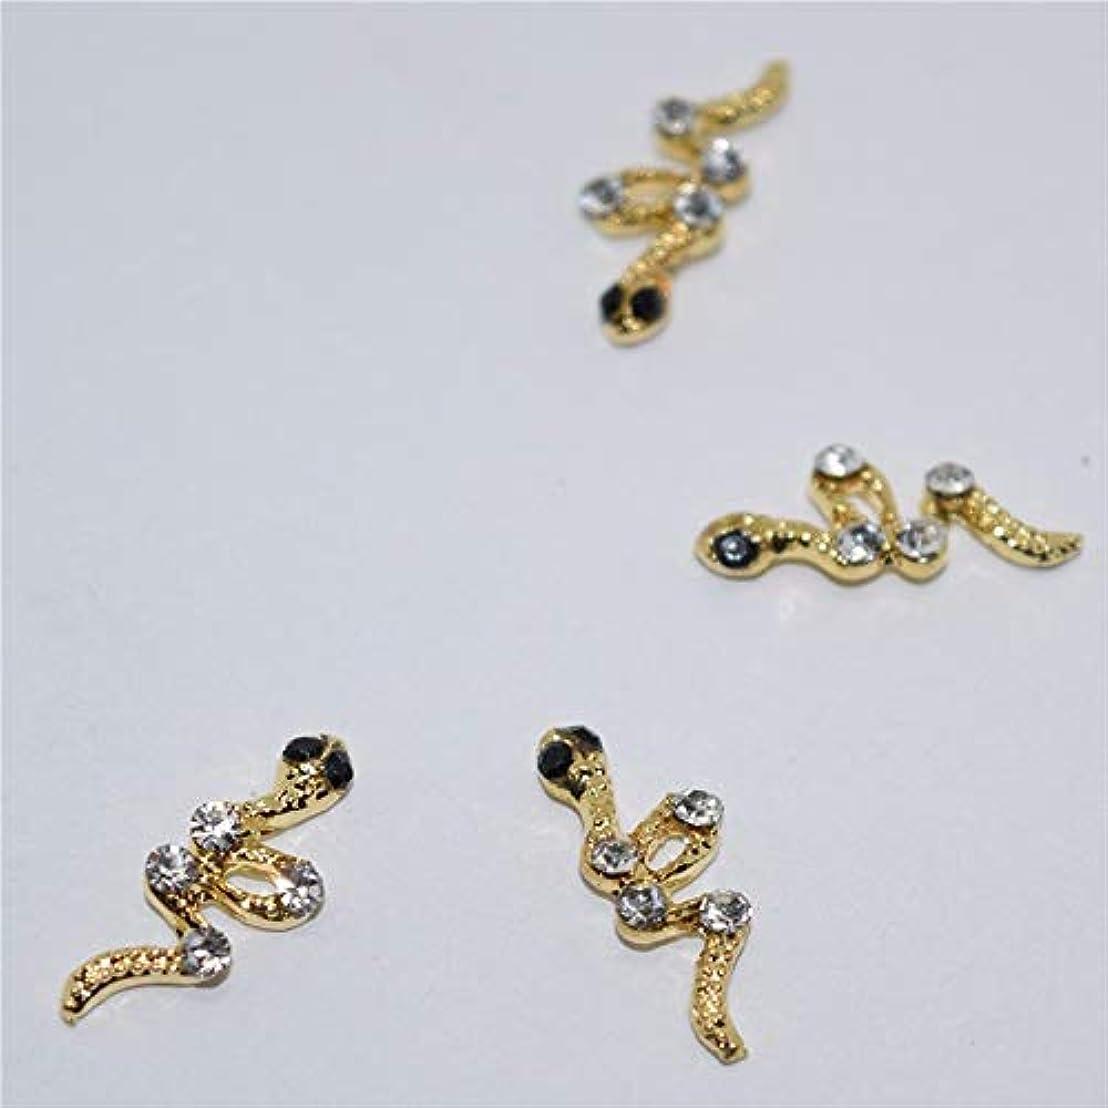 マオリルーチン手つかずの10個入りゴールデンスネーク動物の3Dネイルアートの装飾合金ネイルチャームネイルズラインストーンネイル用品